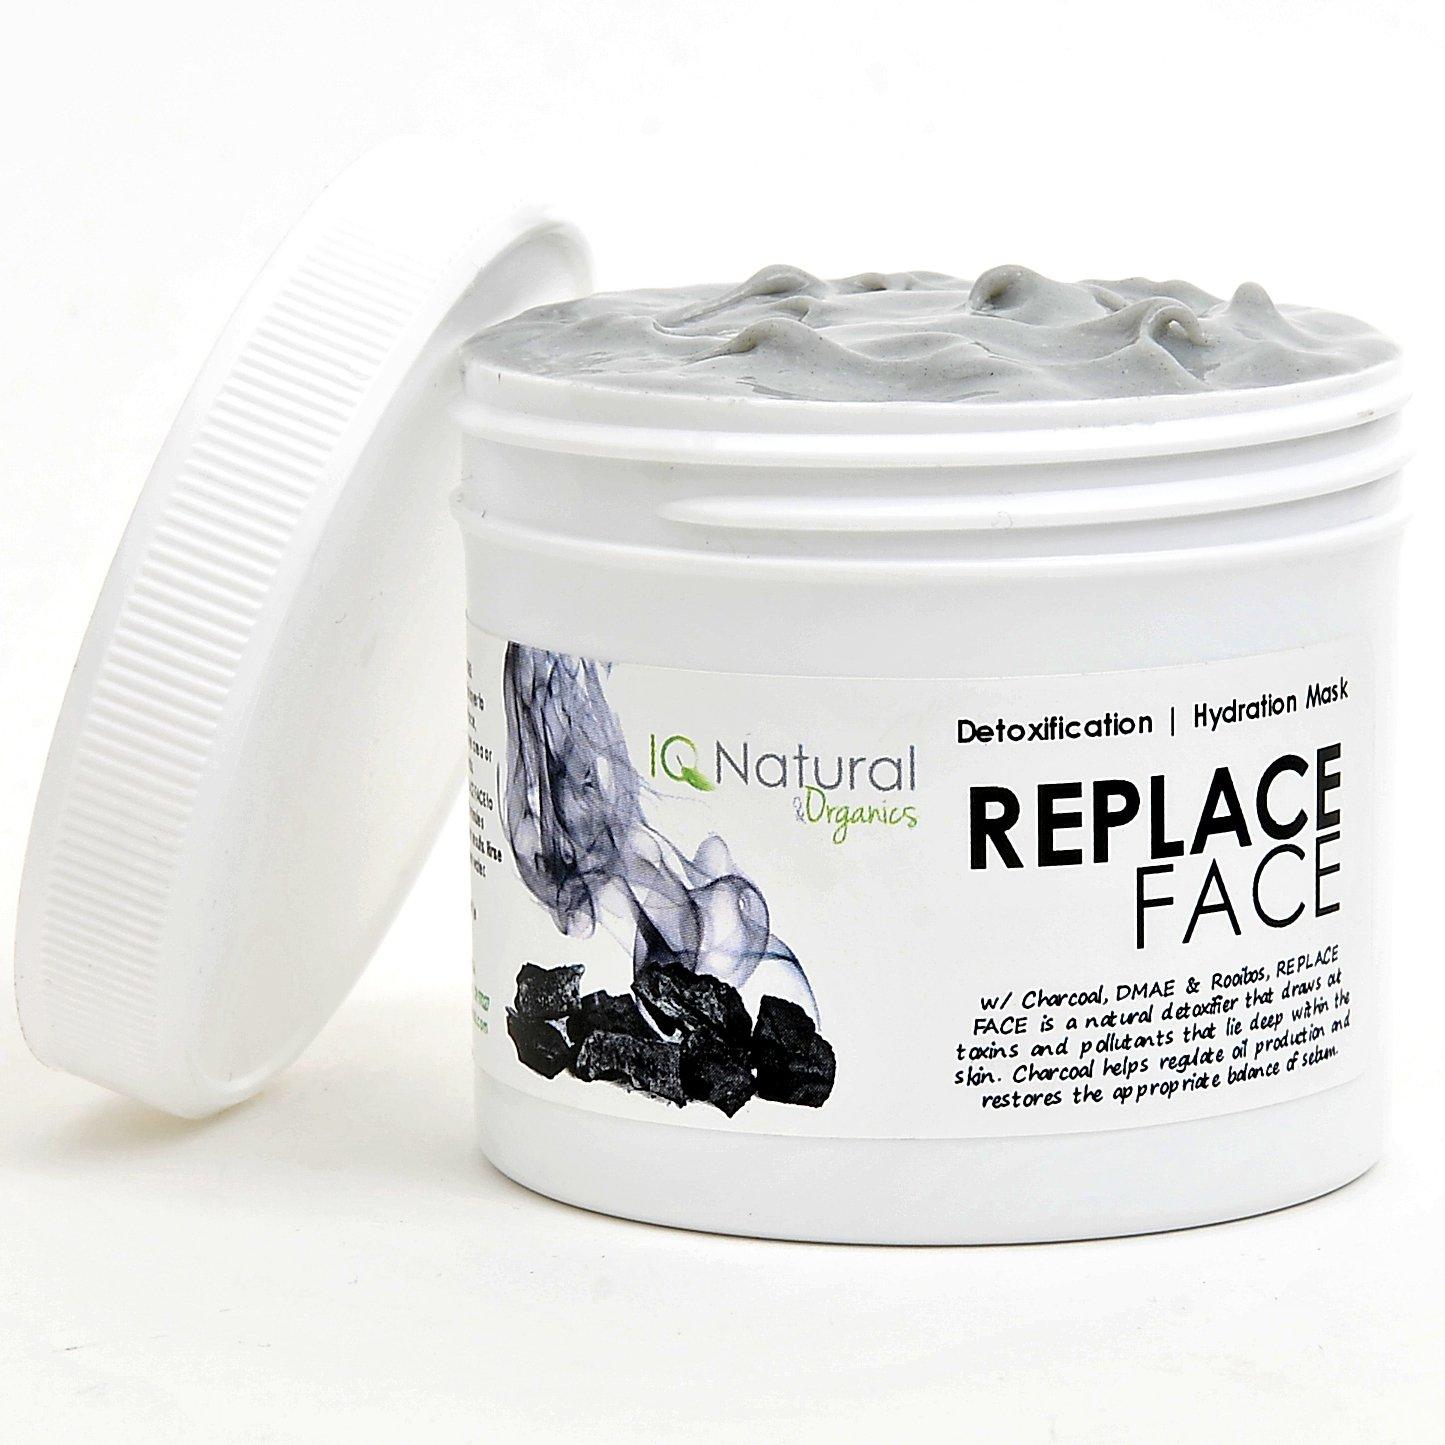 Detox Skin FACE Mask Charcole Acne Clarifying Blemish